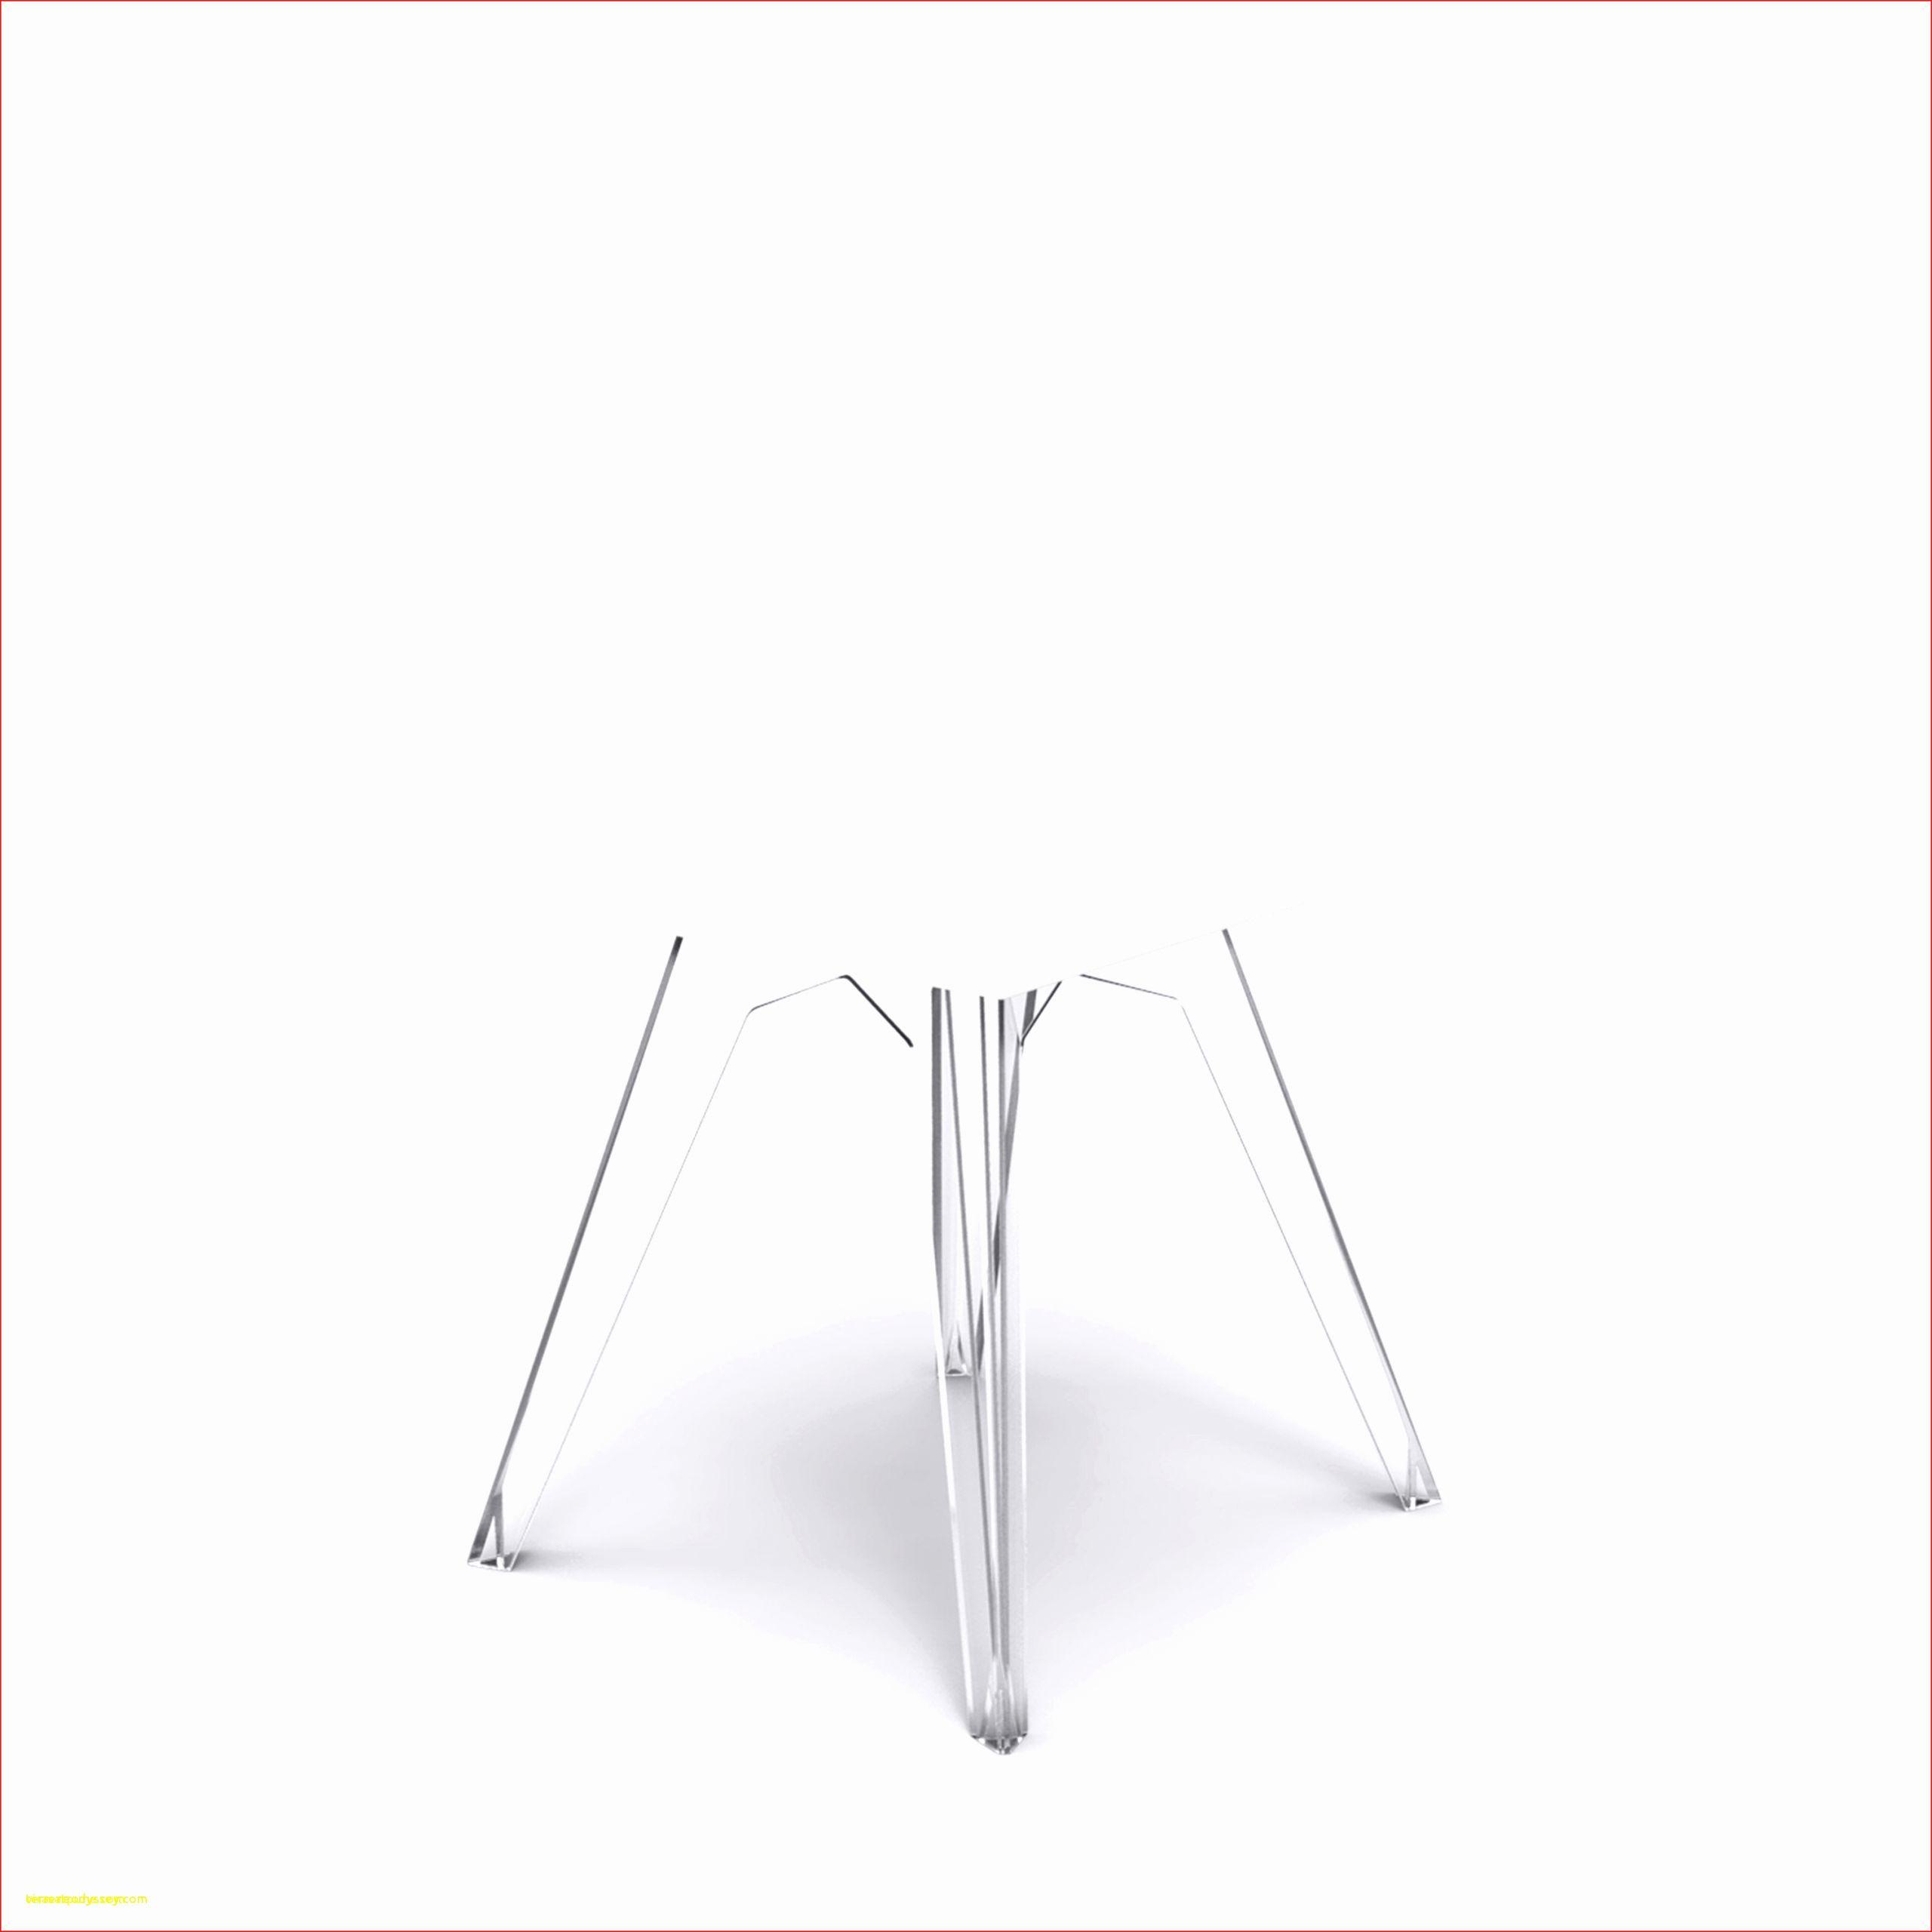 fauteuil bois fauteuil scandinave gris frais chaise bois scandinave fauteuil bois of fauteuil bois